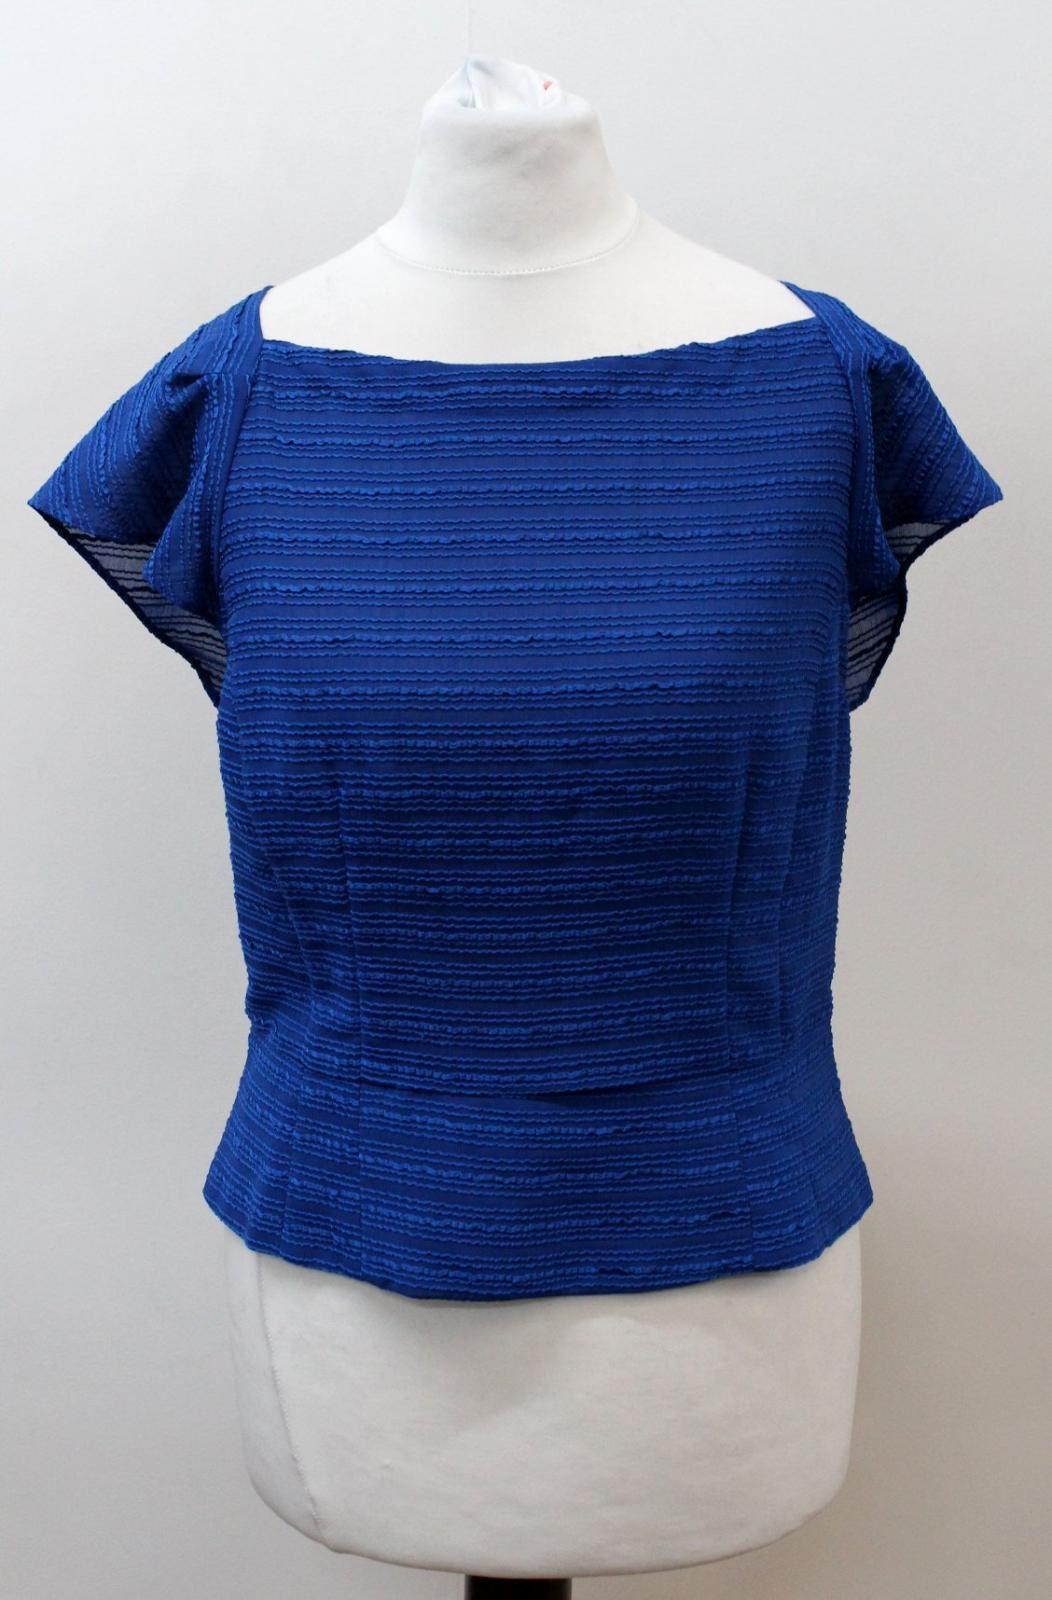 Coraggioso Nanette Lepore Donna Blu Manica Ad Aletta Barchetta Testurizzato Blusa Top Us6 Uk10-mostra Il Titolo Originale